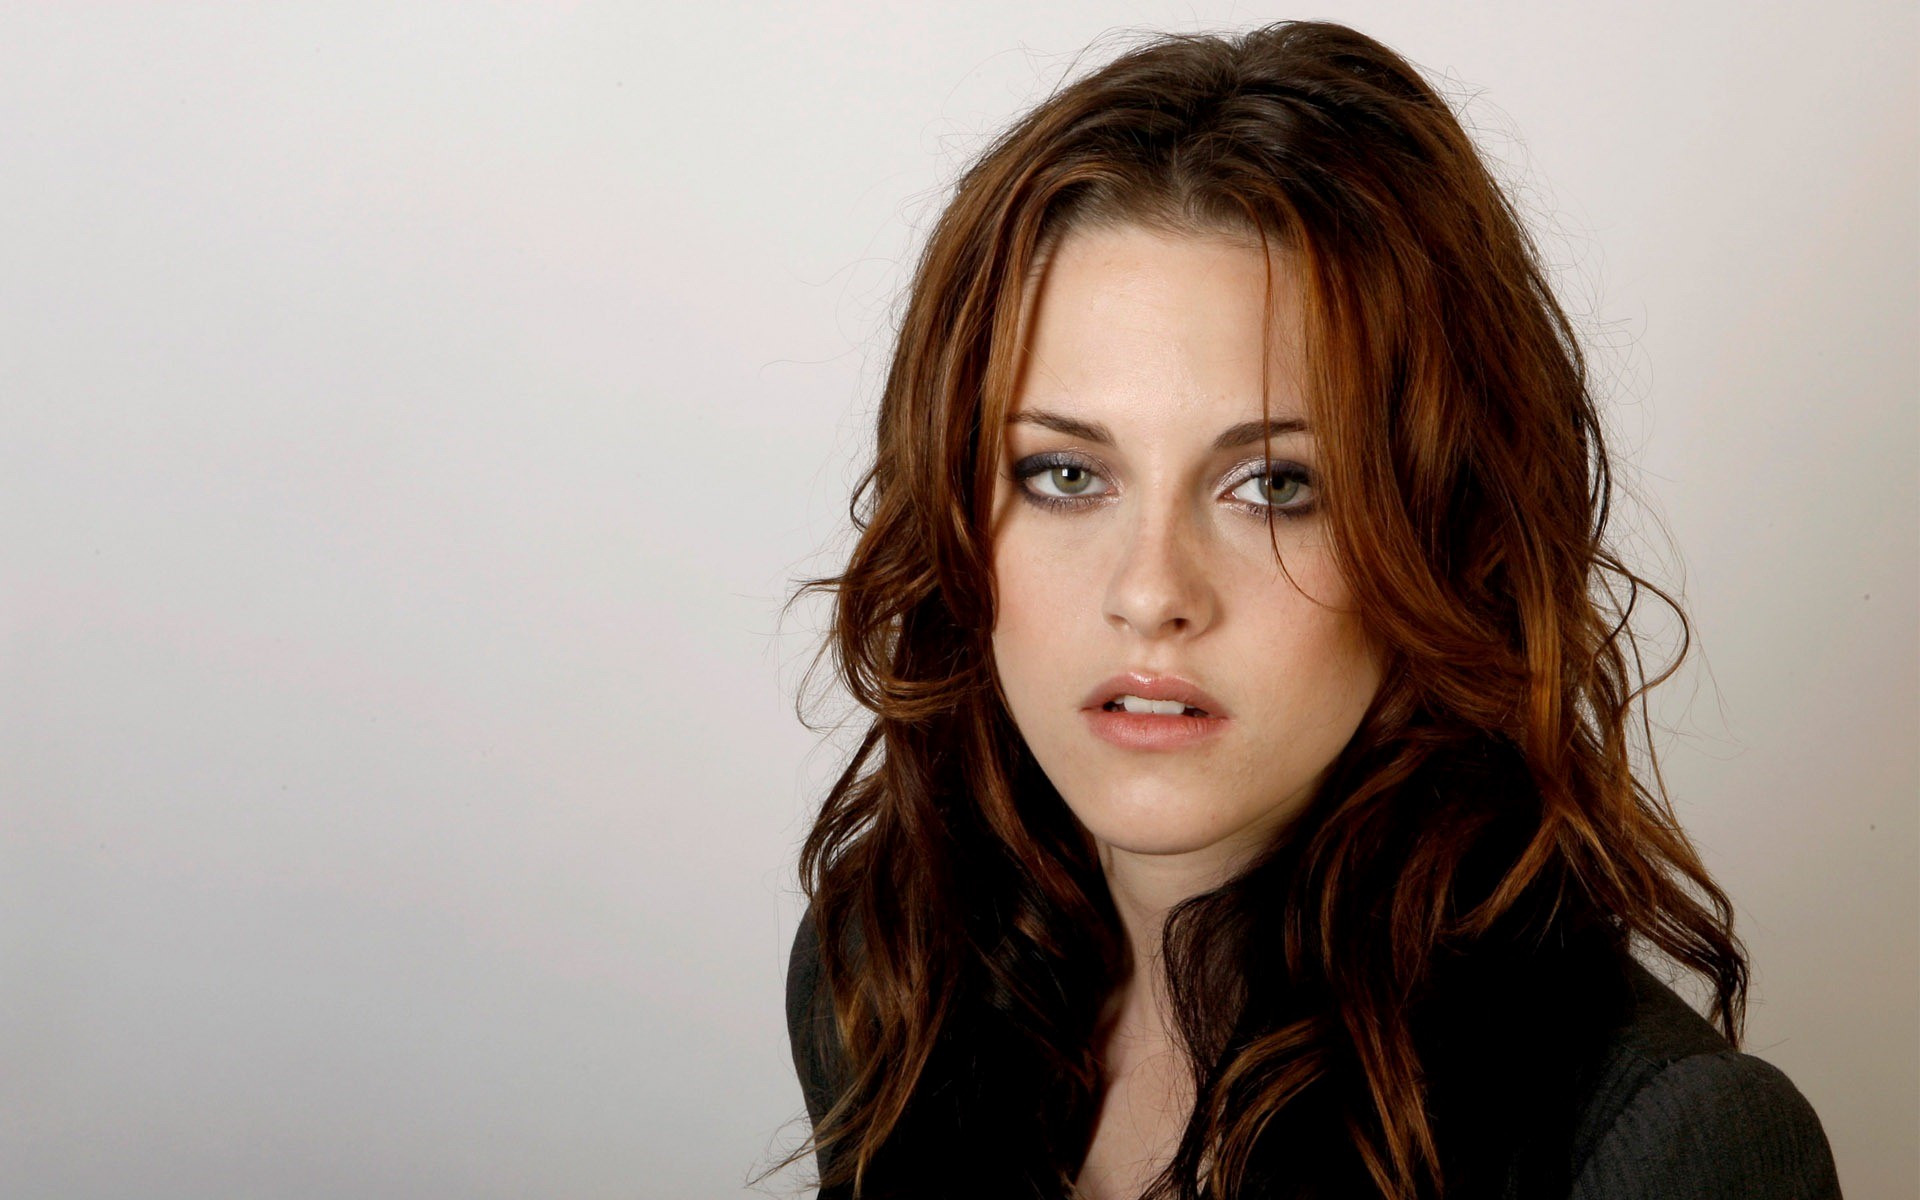 Beautiful Hollywood Actress Kristen Stewart Wallpaper HD Wallpapers 1920x1200